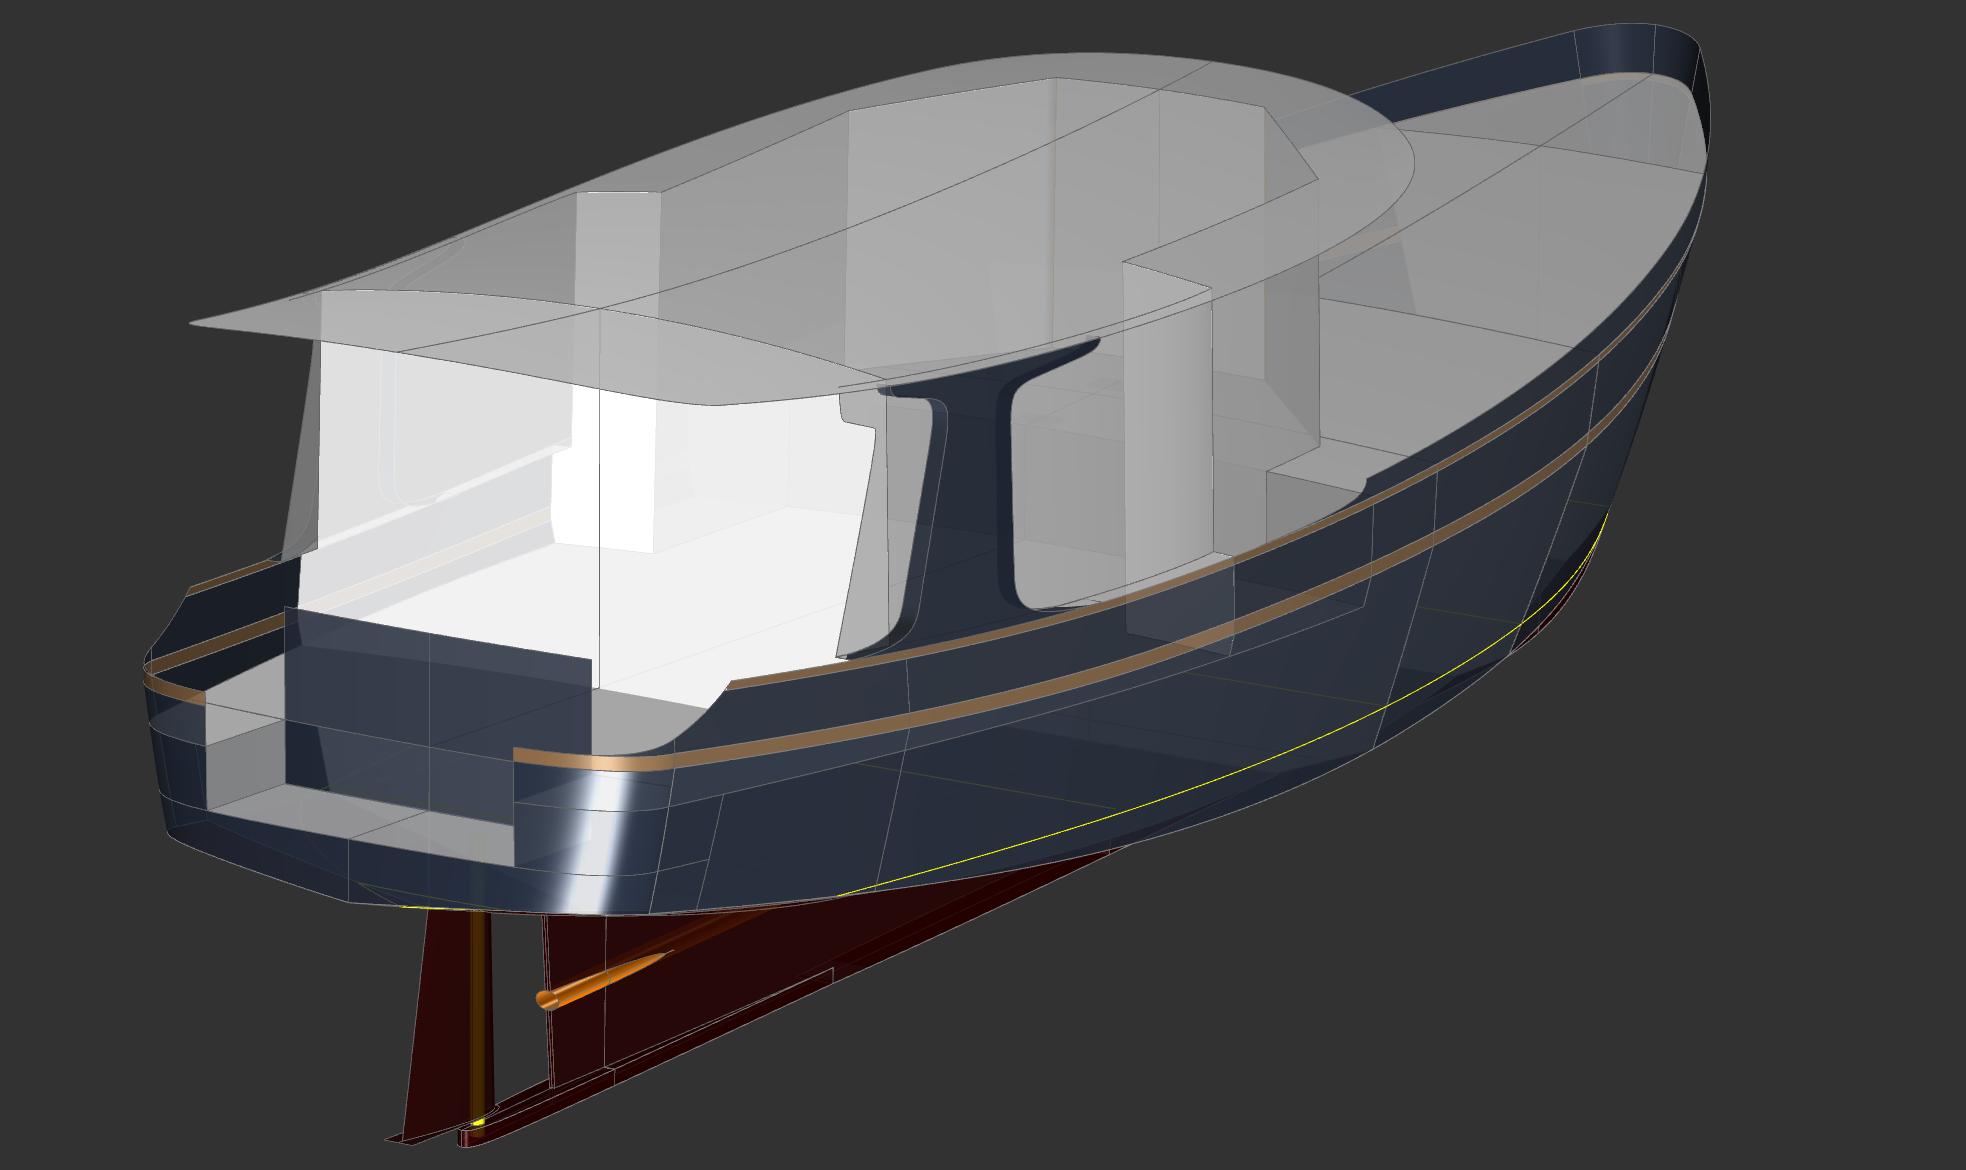 45' Trawler Yacht NOMAD - Kasten Marine Design